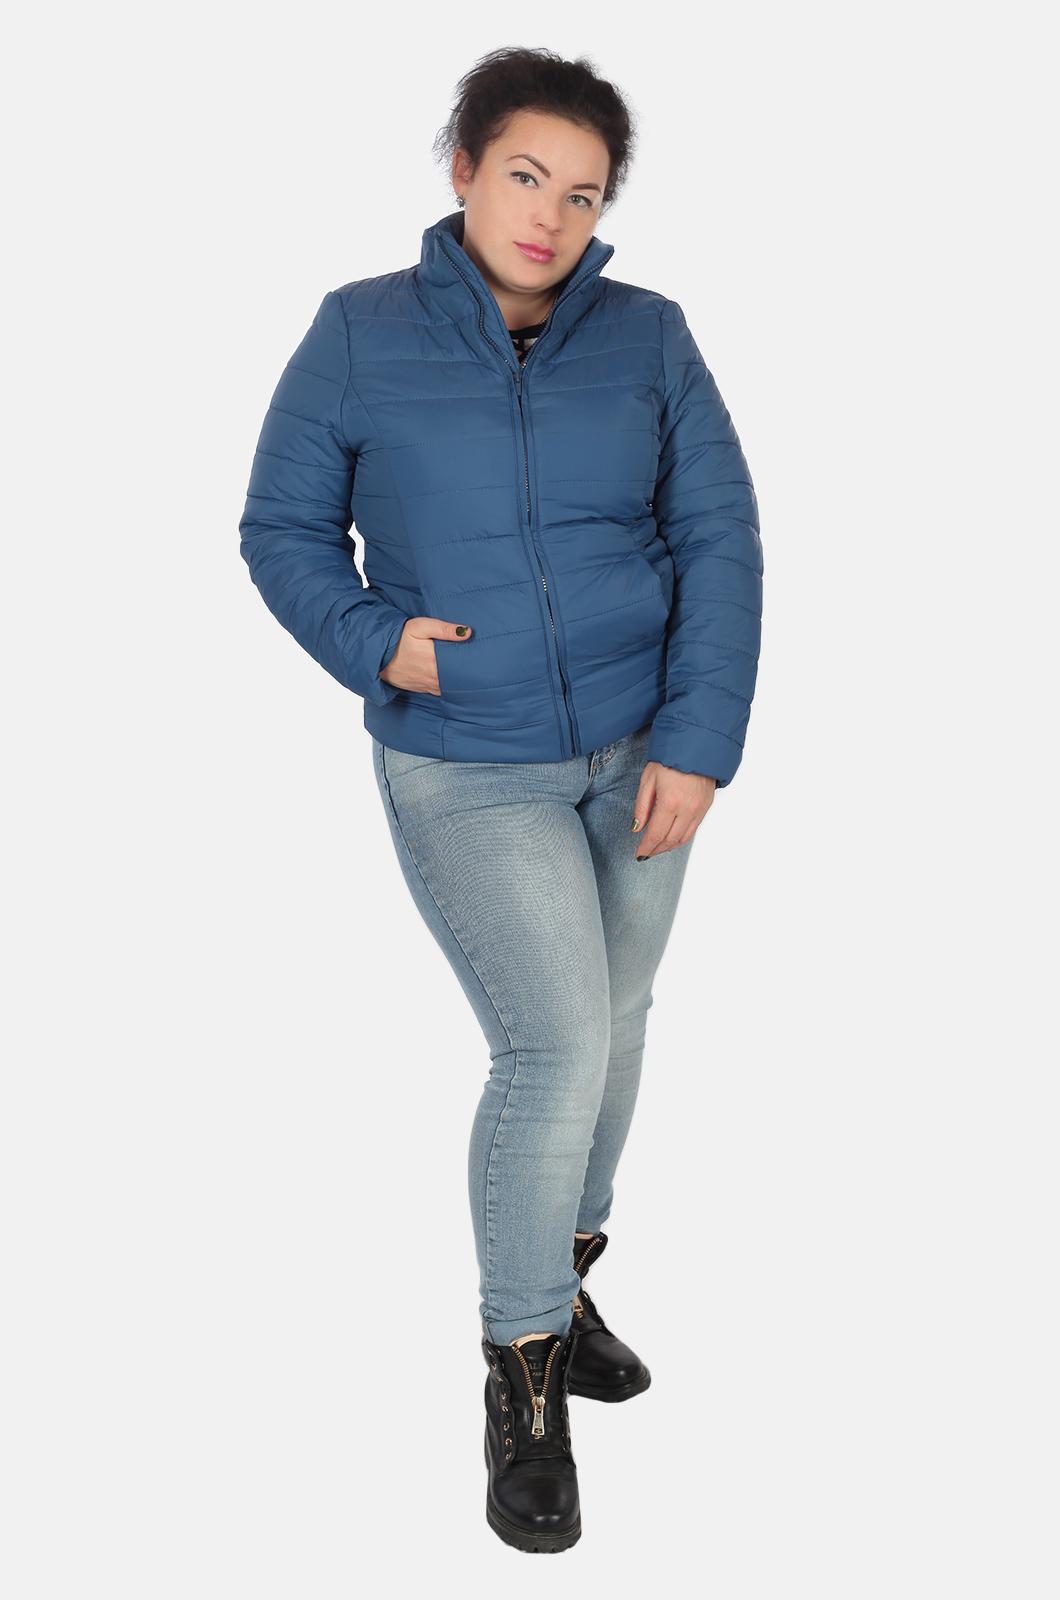 Синяя короткая женская куртка Urb для межсезонья